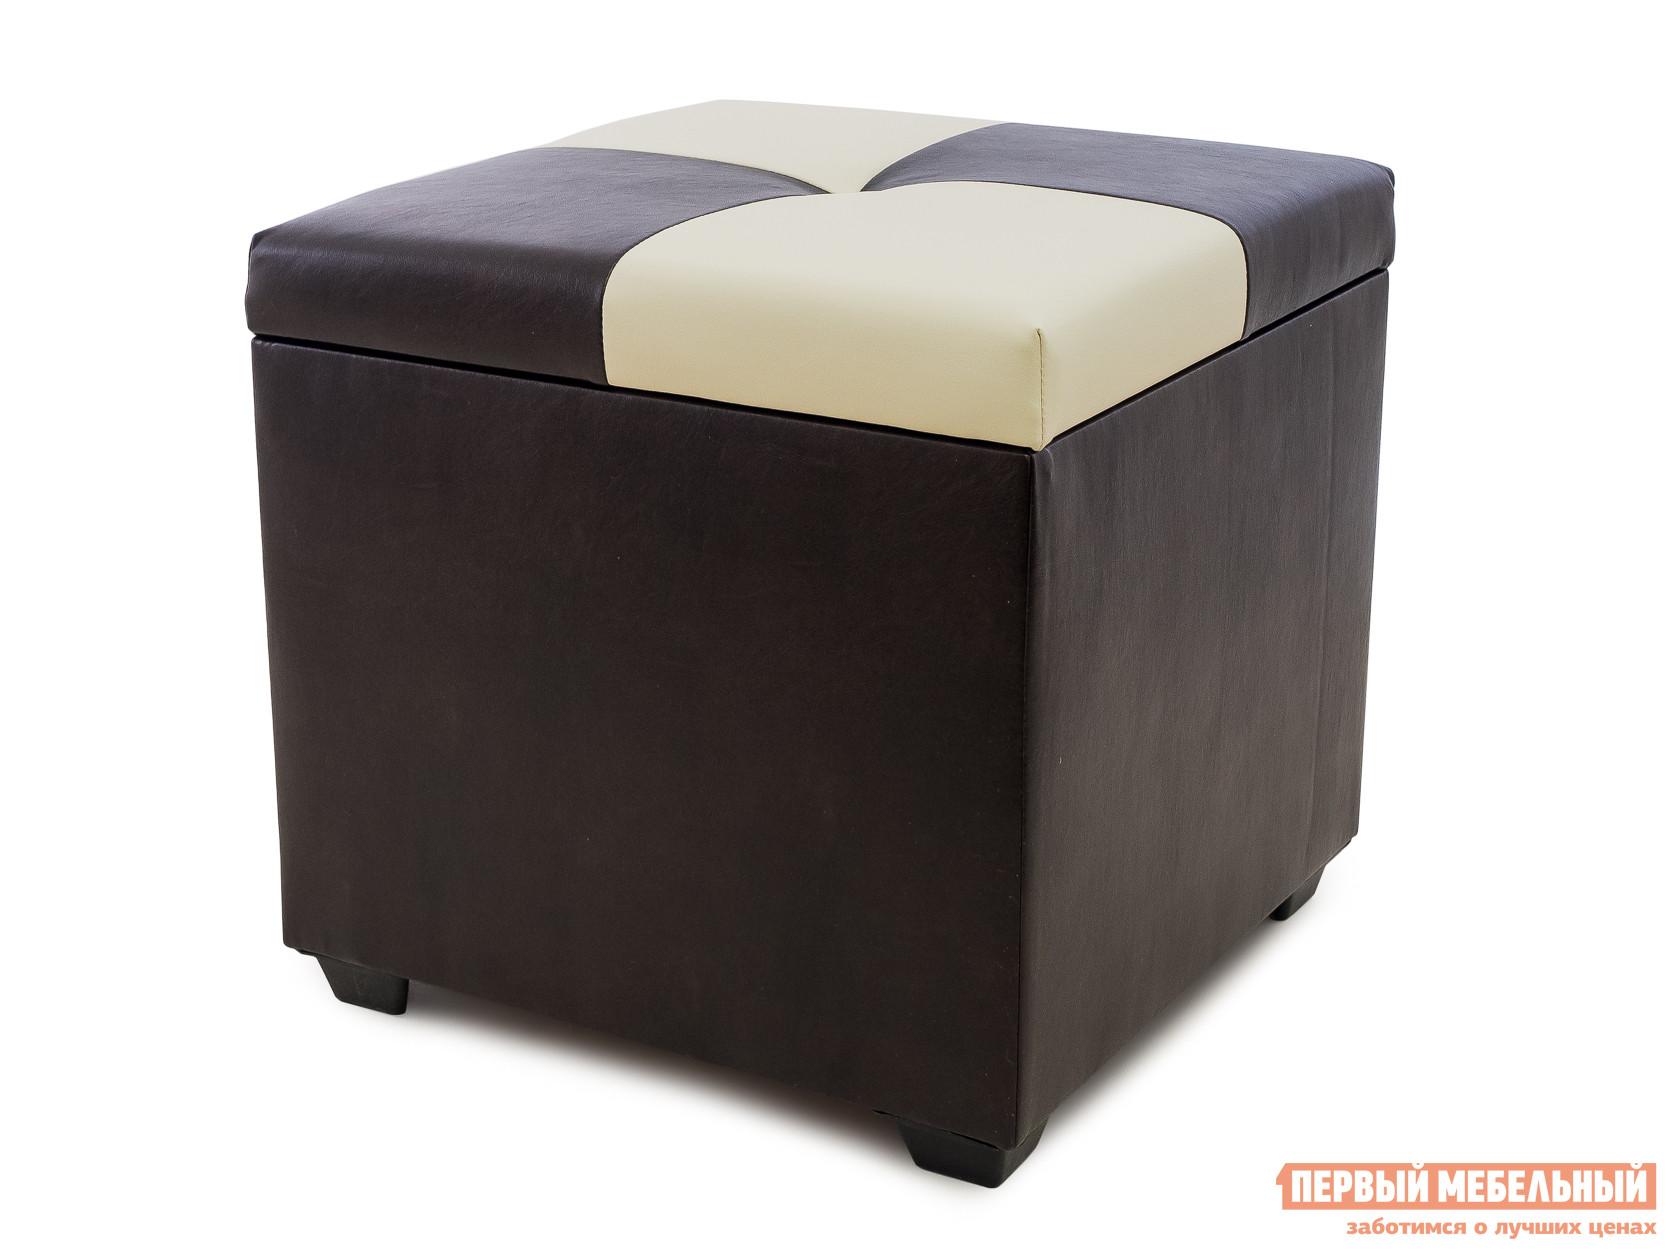 Пуфик WOODCRAFT Альфа Темно-коричневый кожзам / Молочный кожзам / Темно-коричневый кожзам